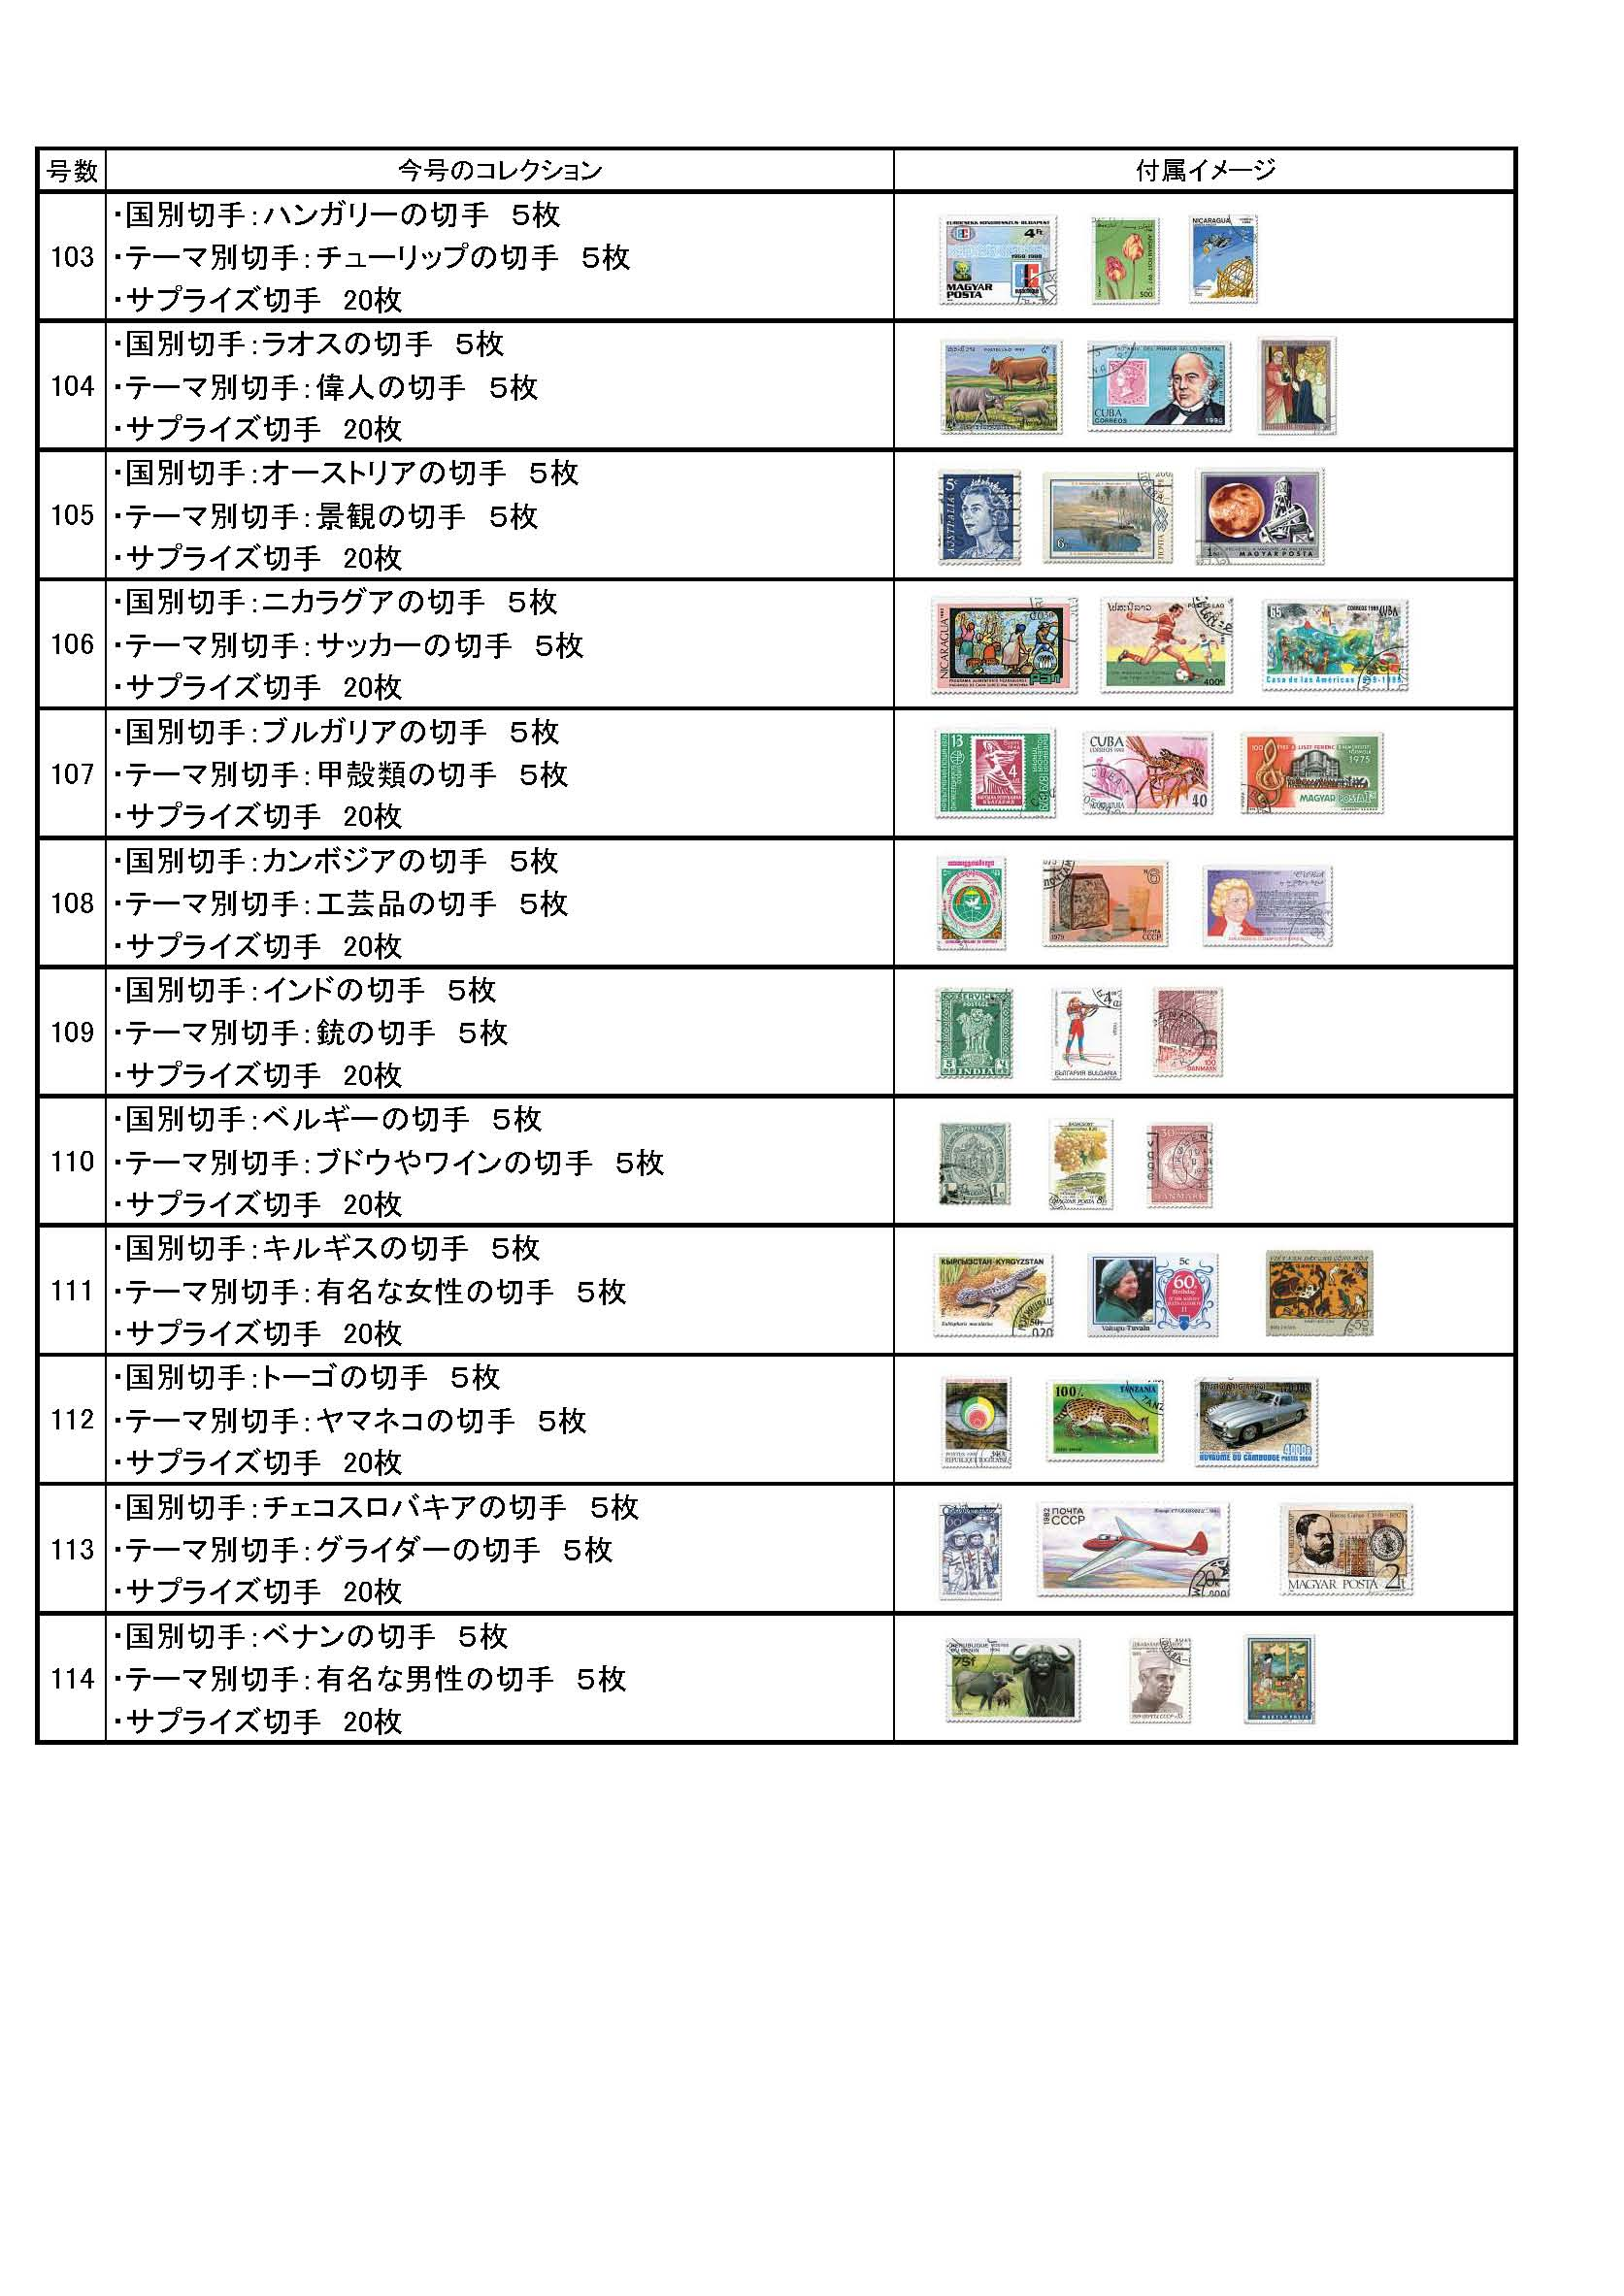 付属切手ラインナップ20170306_ページ_09.jpg